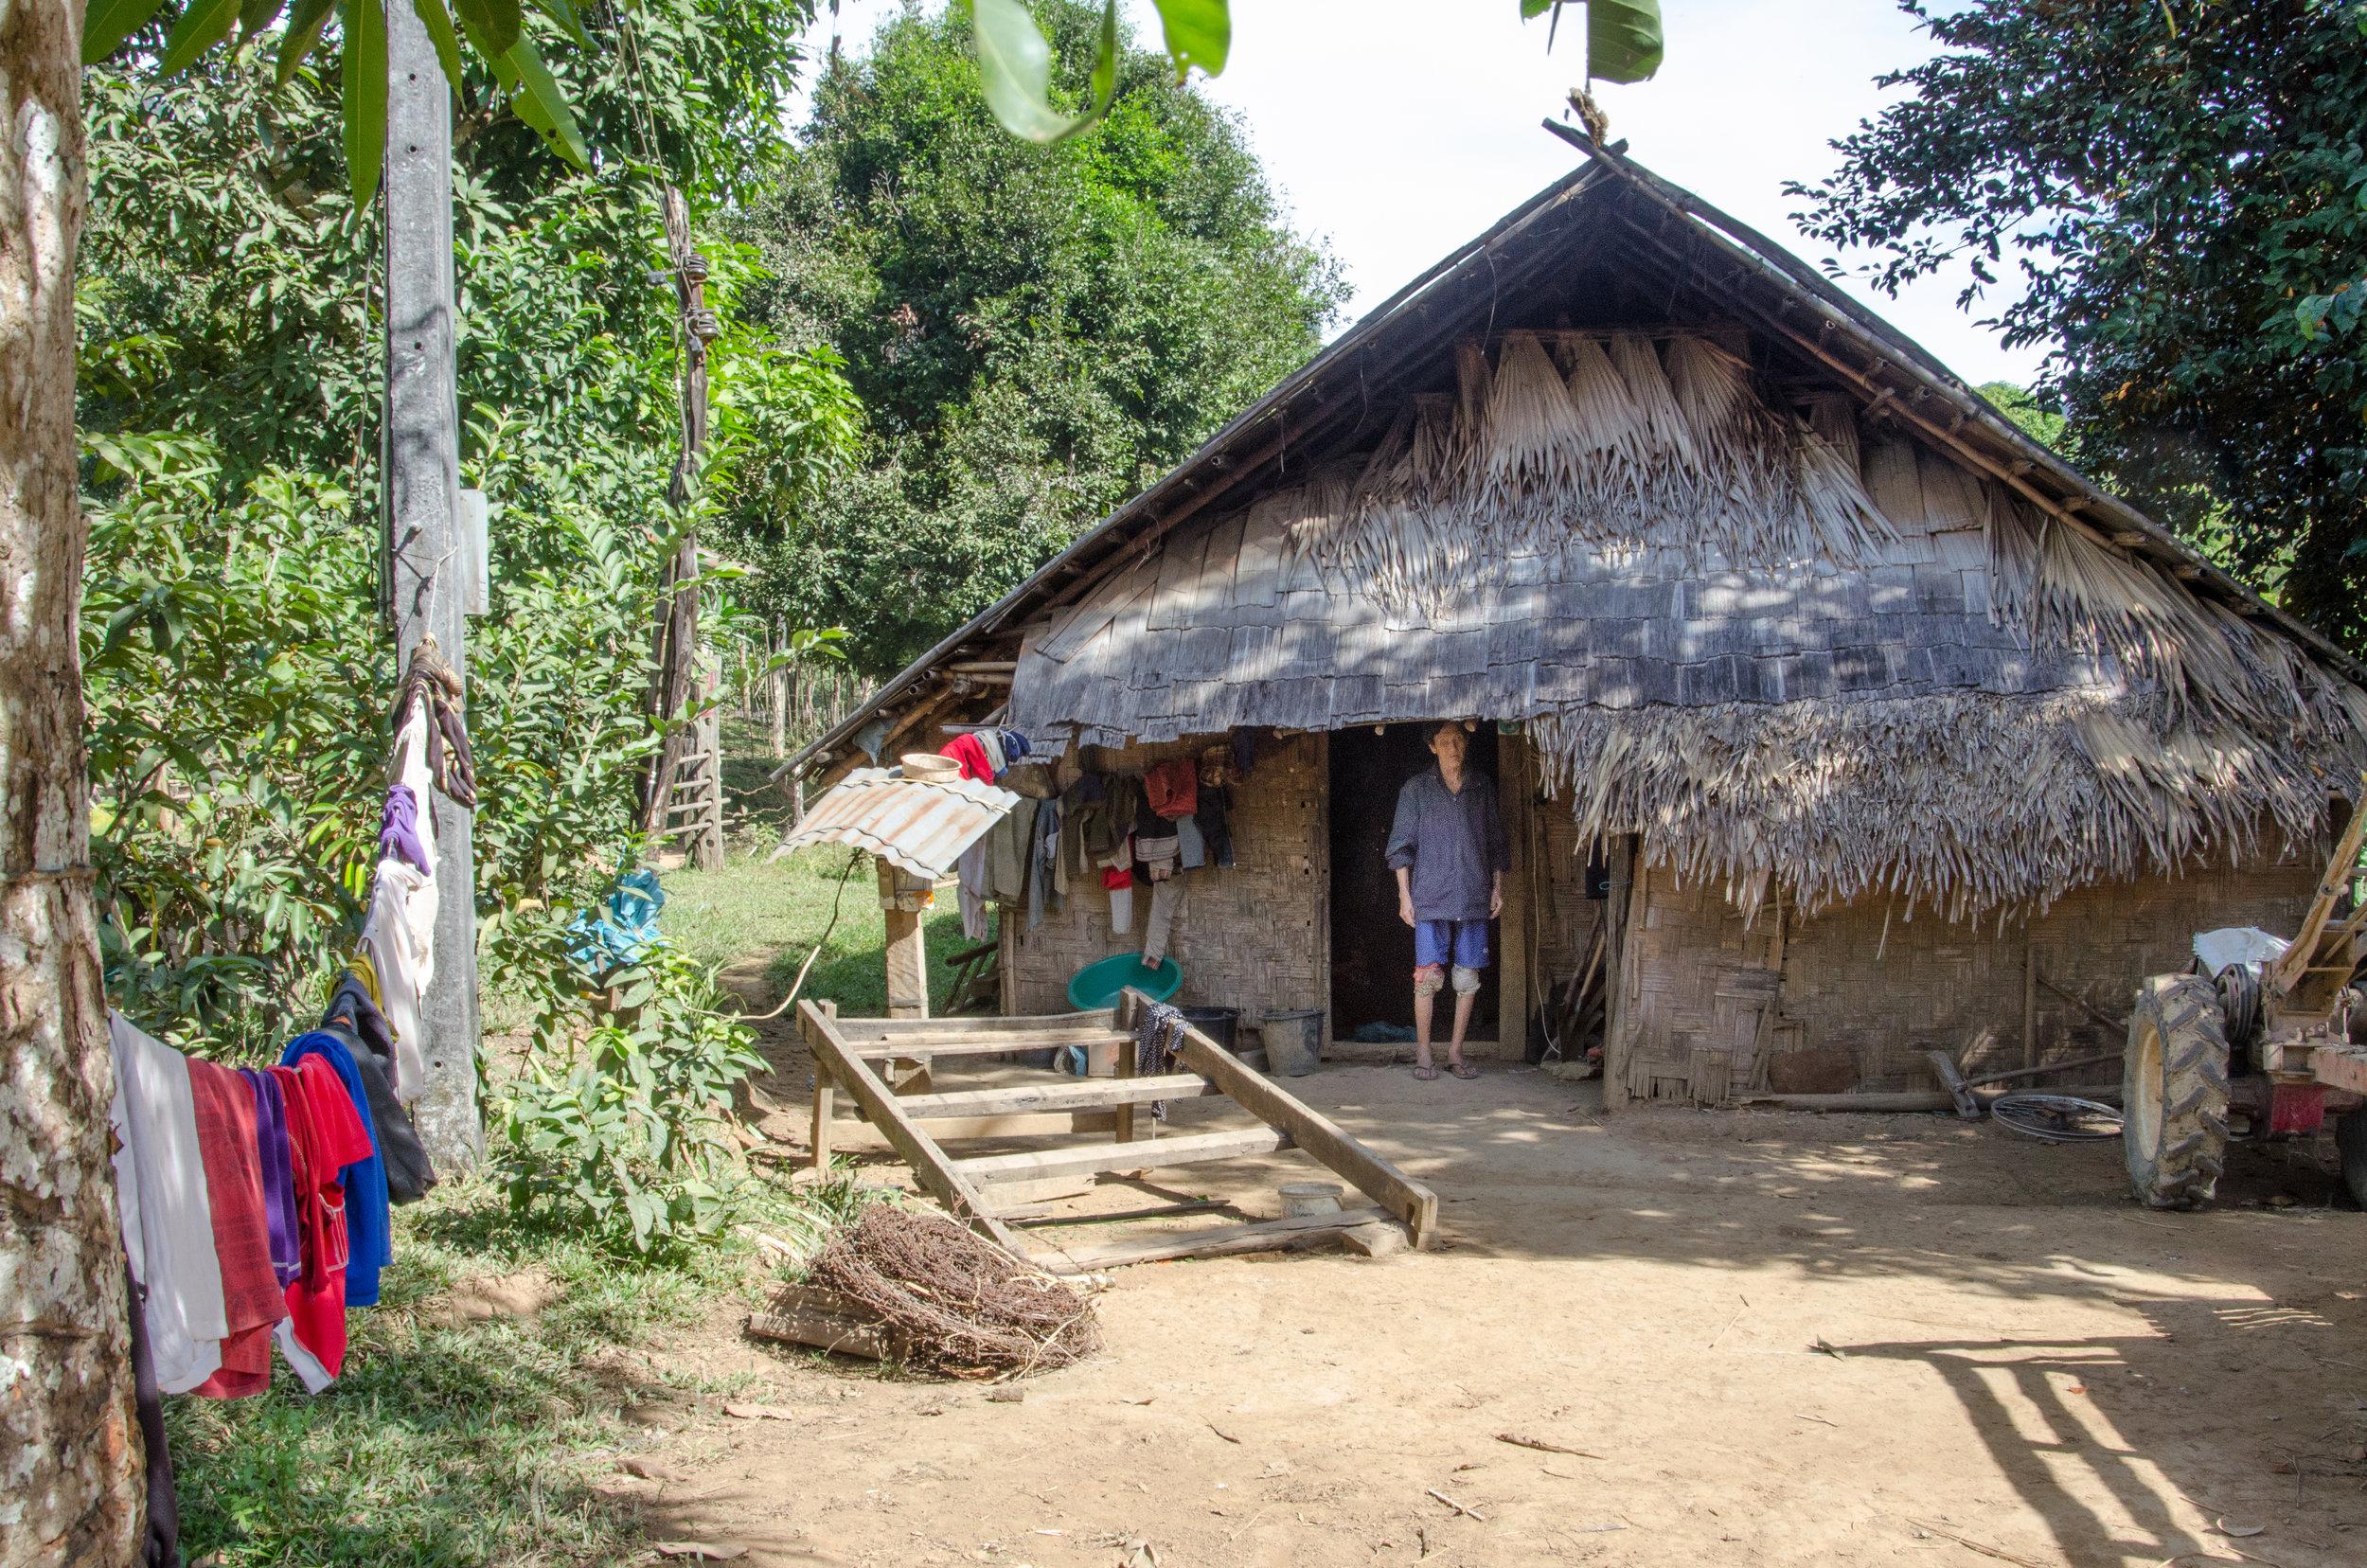 Hmong village house, Phone Ngeun, Vang Vieng, Laos